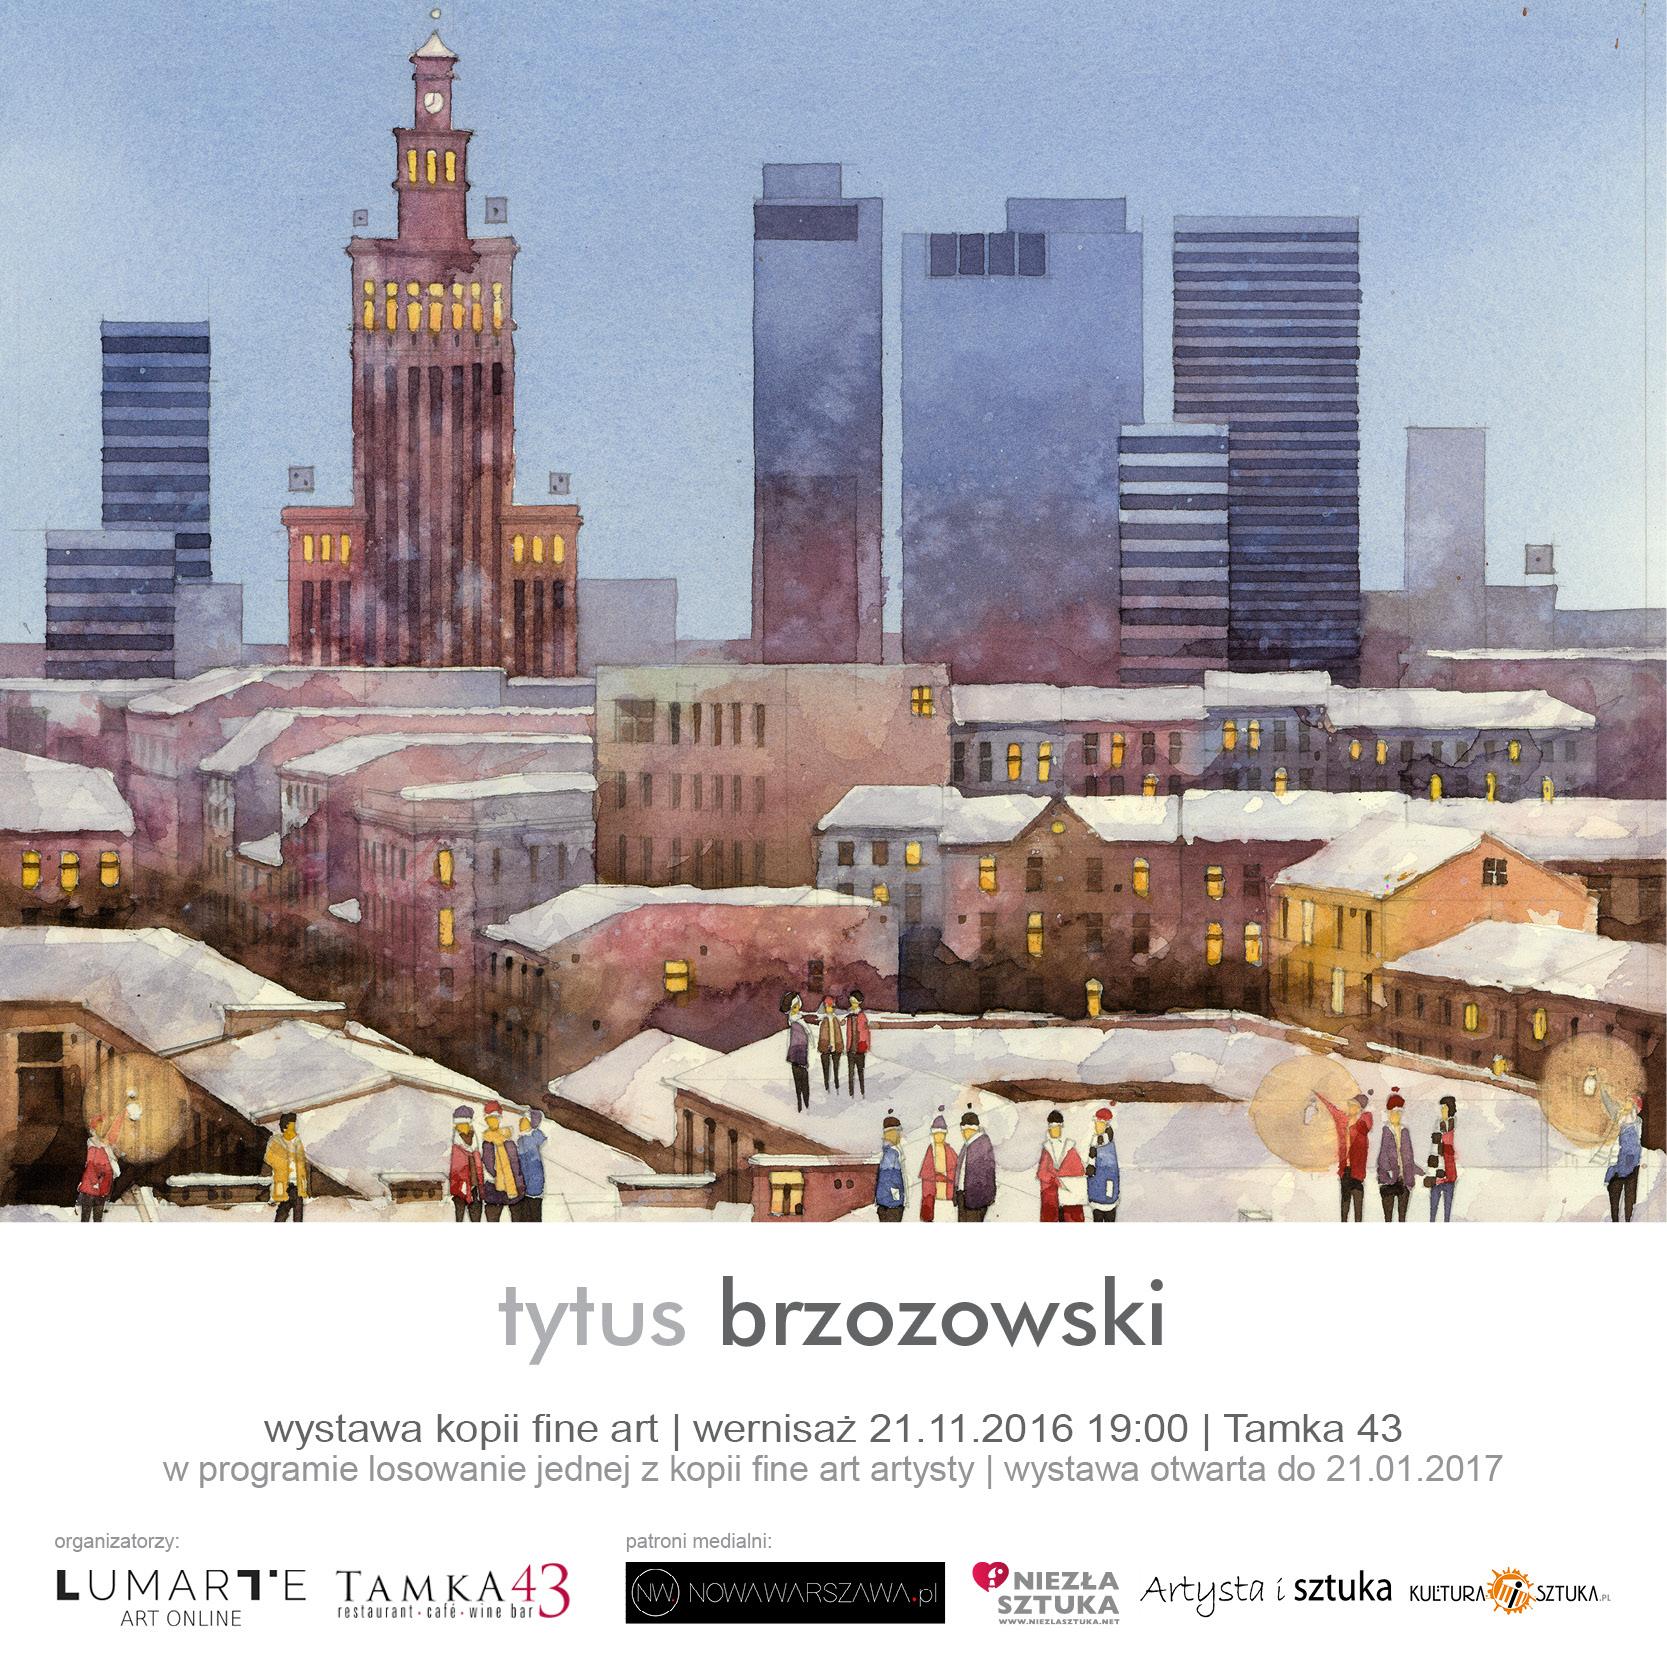 Tytus Brzozowski